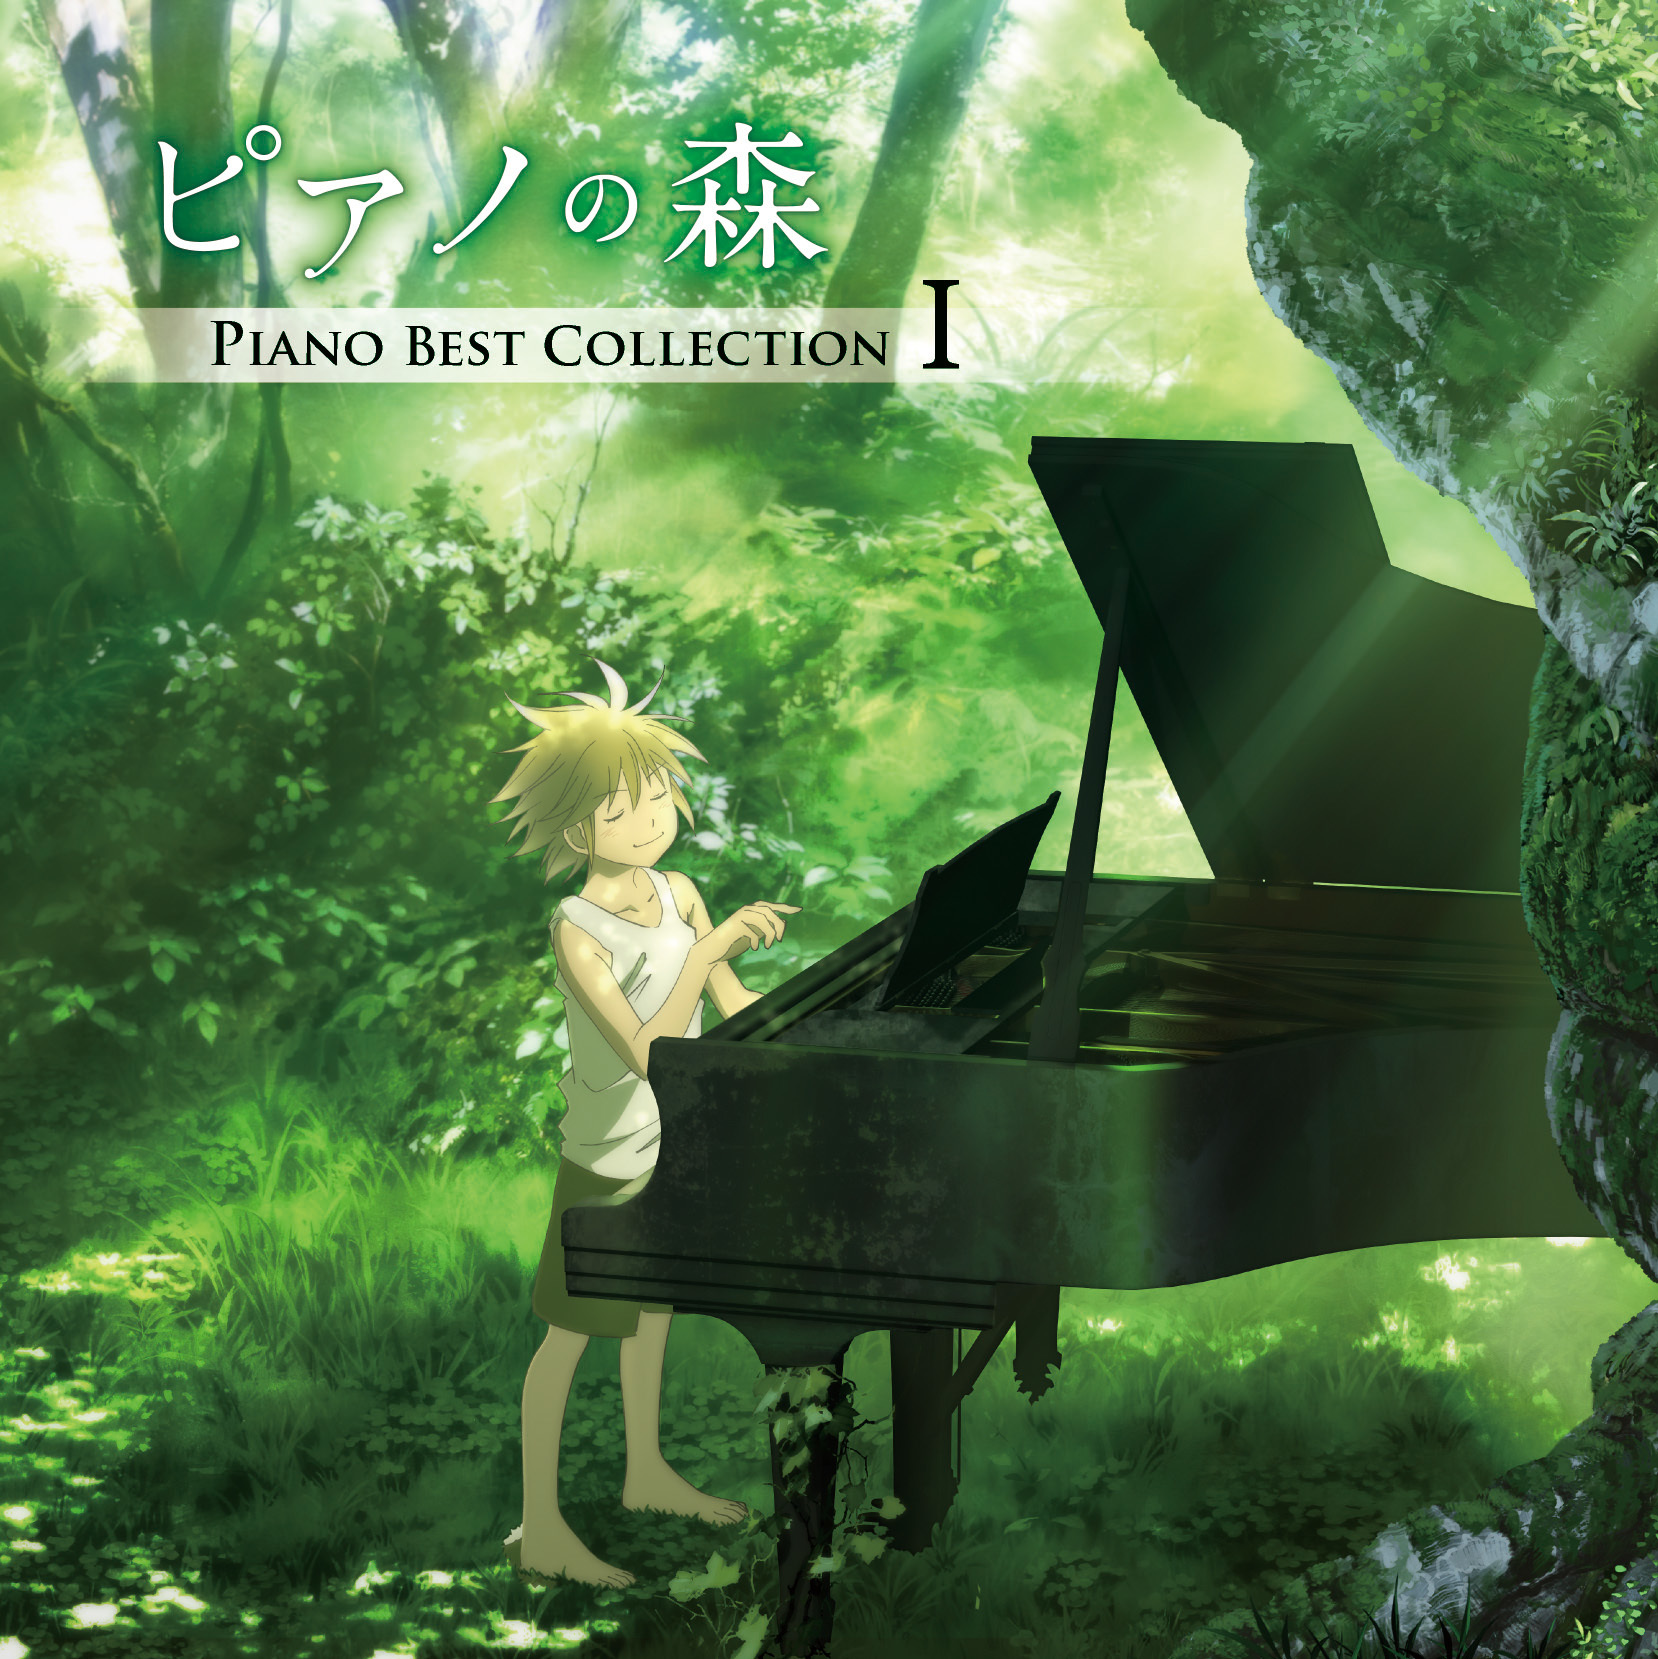 TVアニメ『ピアノの森』の劇中曲...